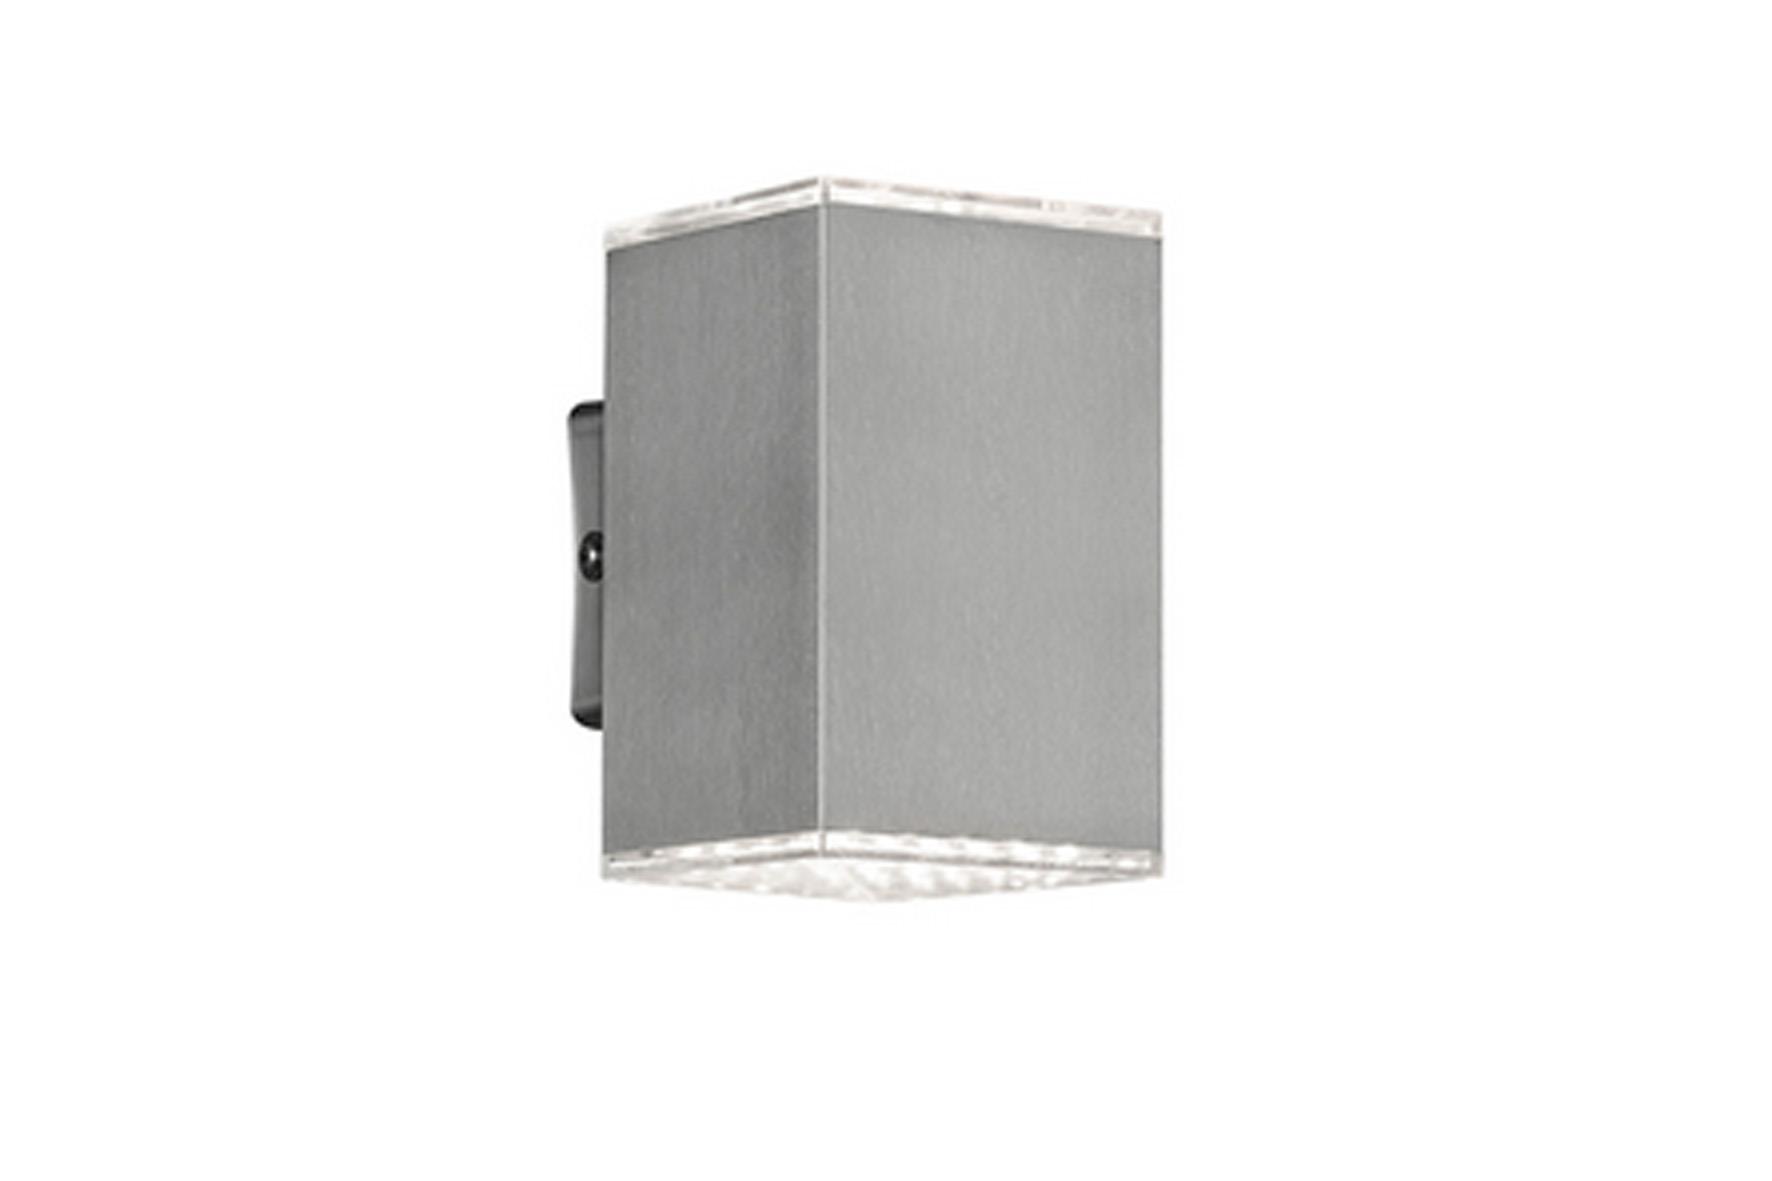 luminaire quito double mural achat en ligne ou dans notre magasin. Black Bedroom Furniture Sets. Home Design Ideas